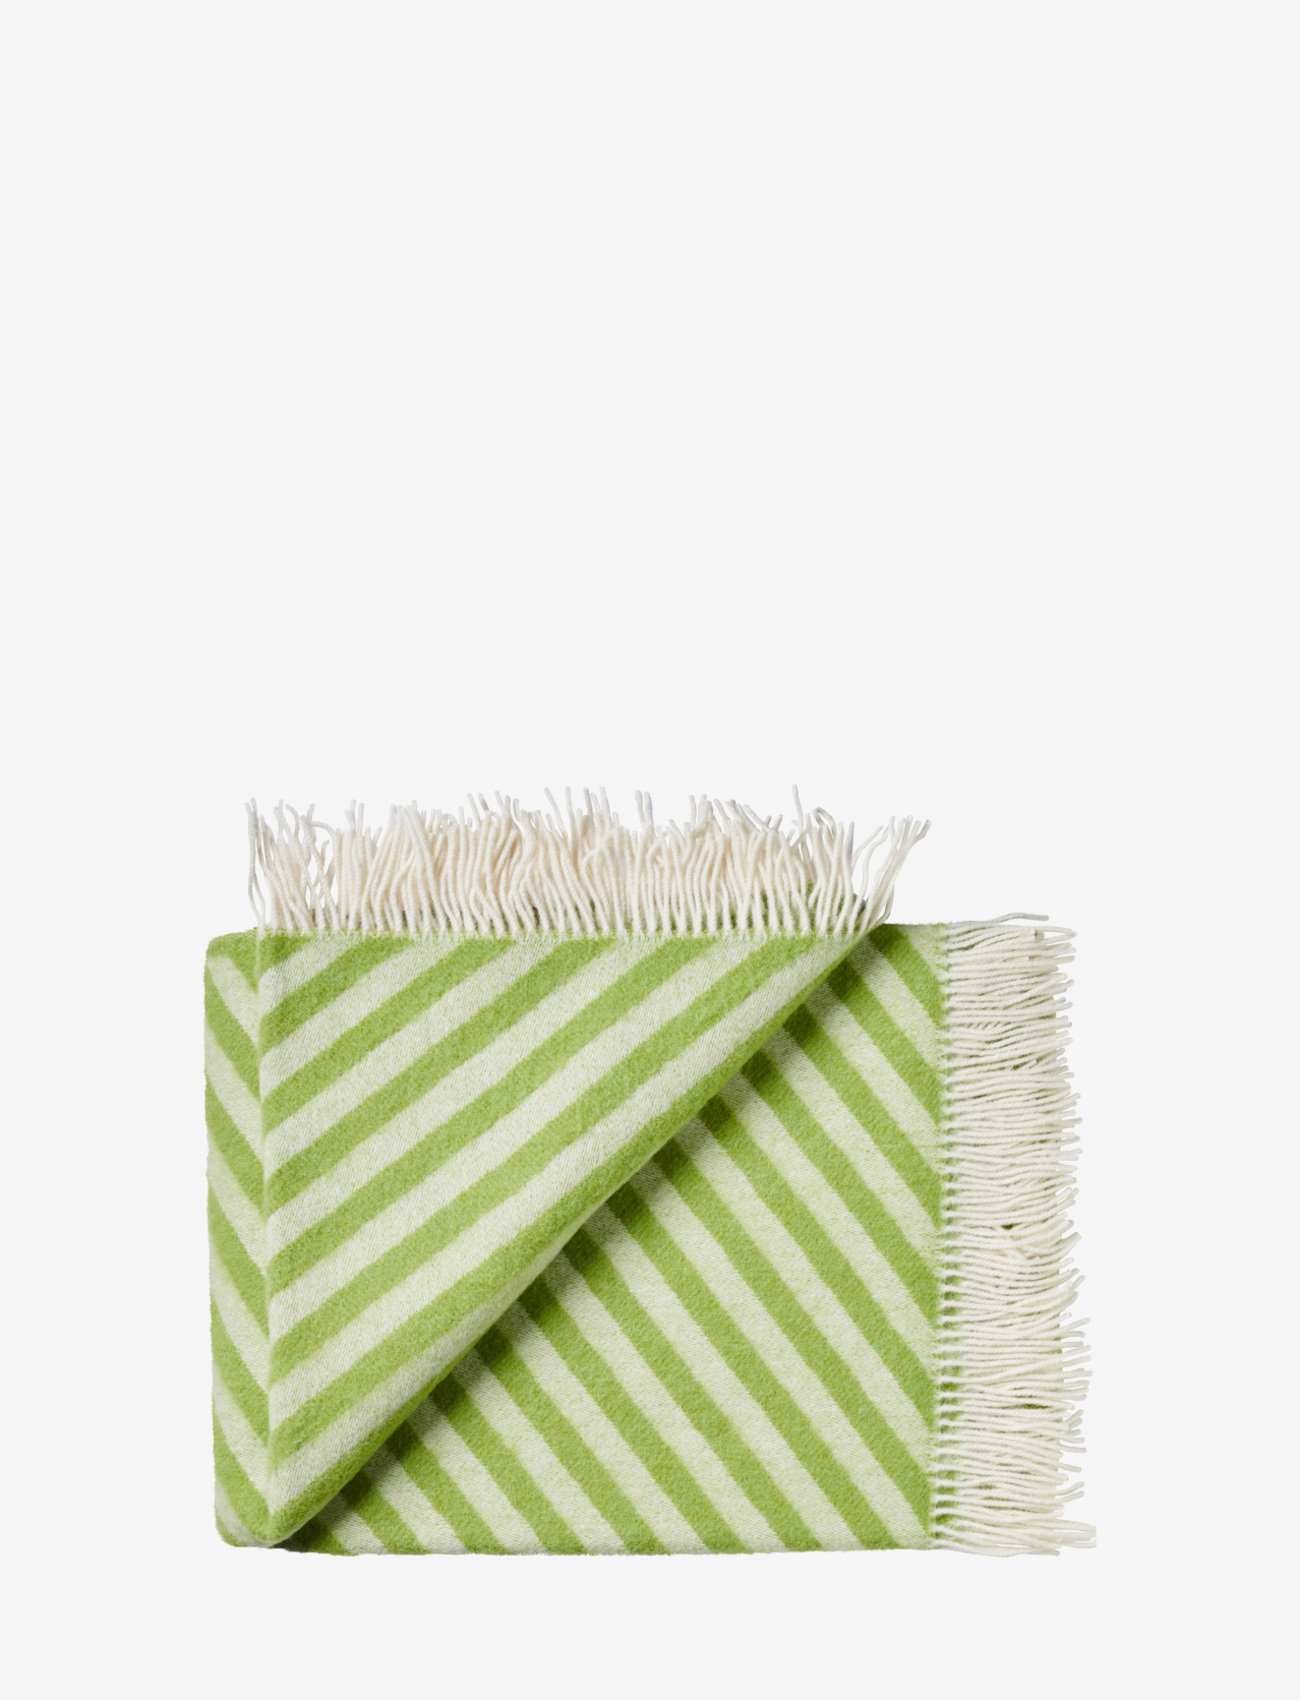 Silkeborg Uldspinderi - Campaign Straight Twill 130x190 cm - blankets - 1134 grass green - 0